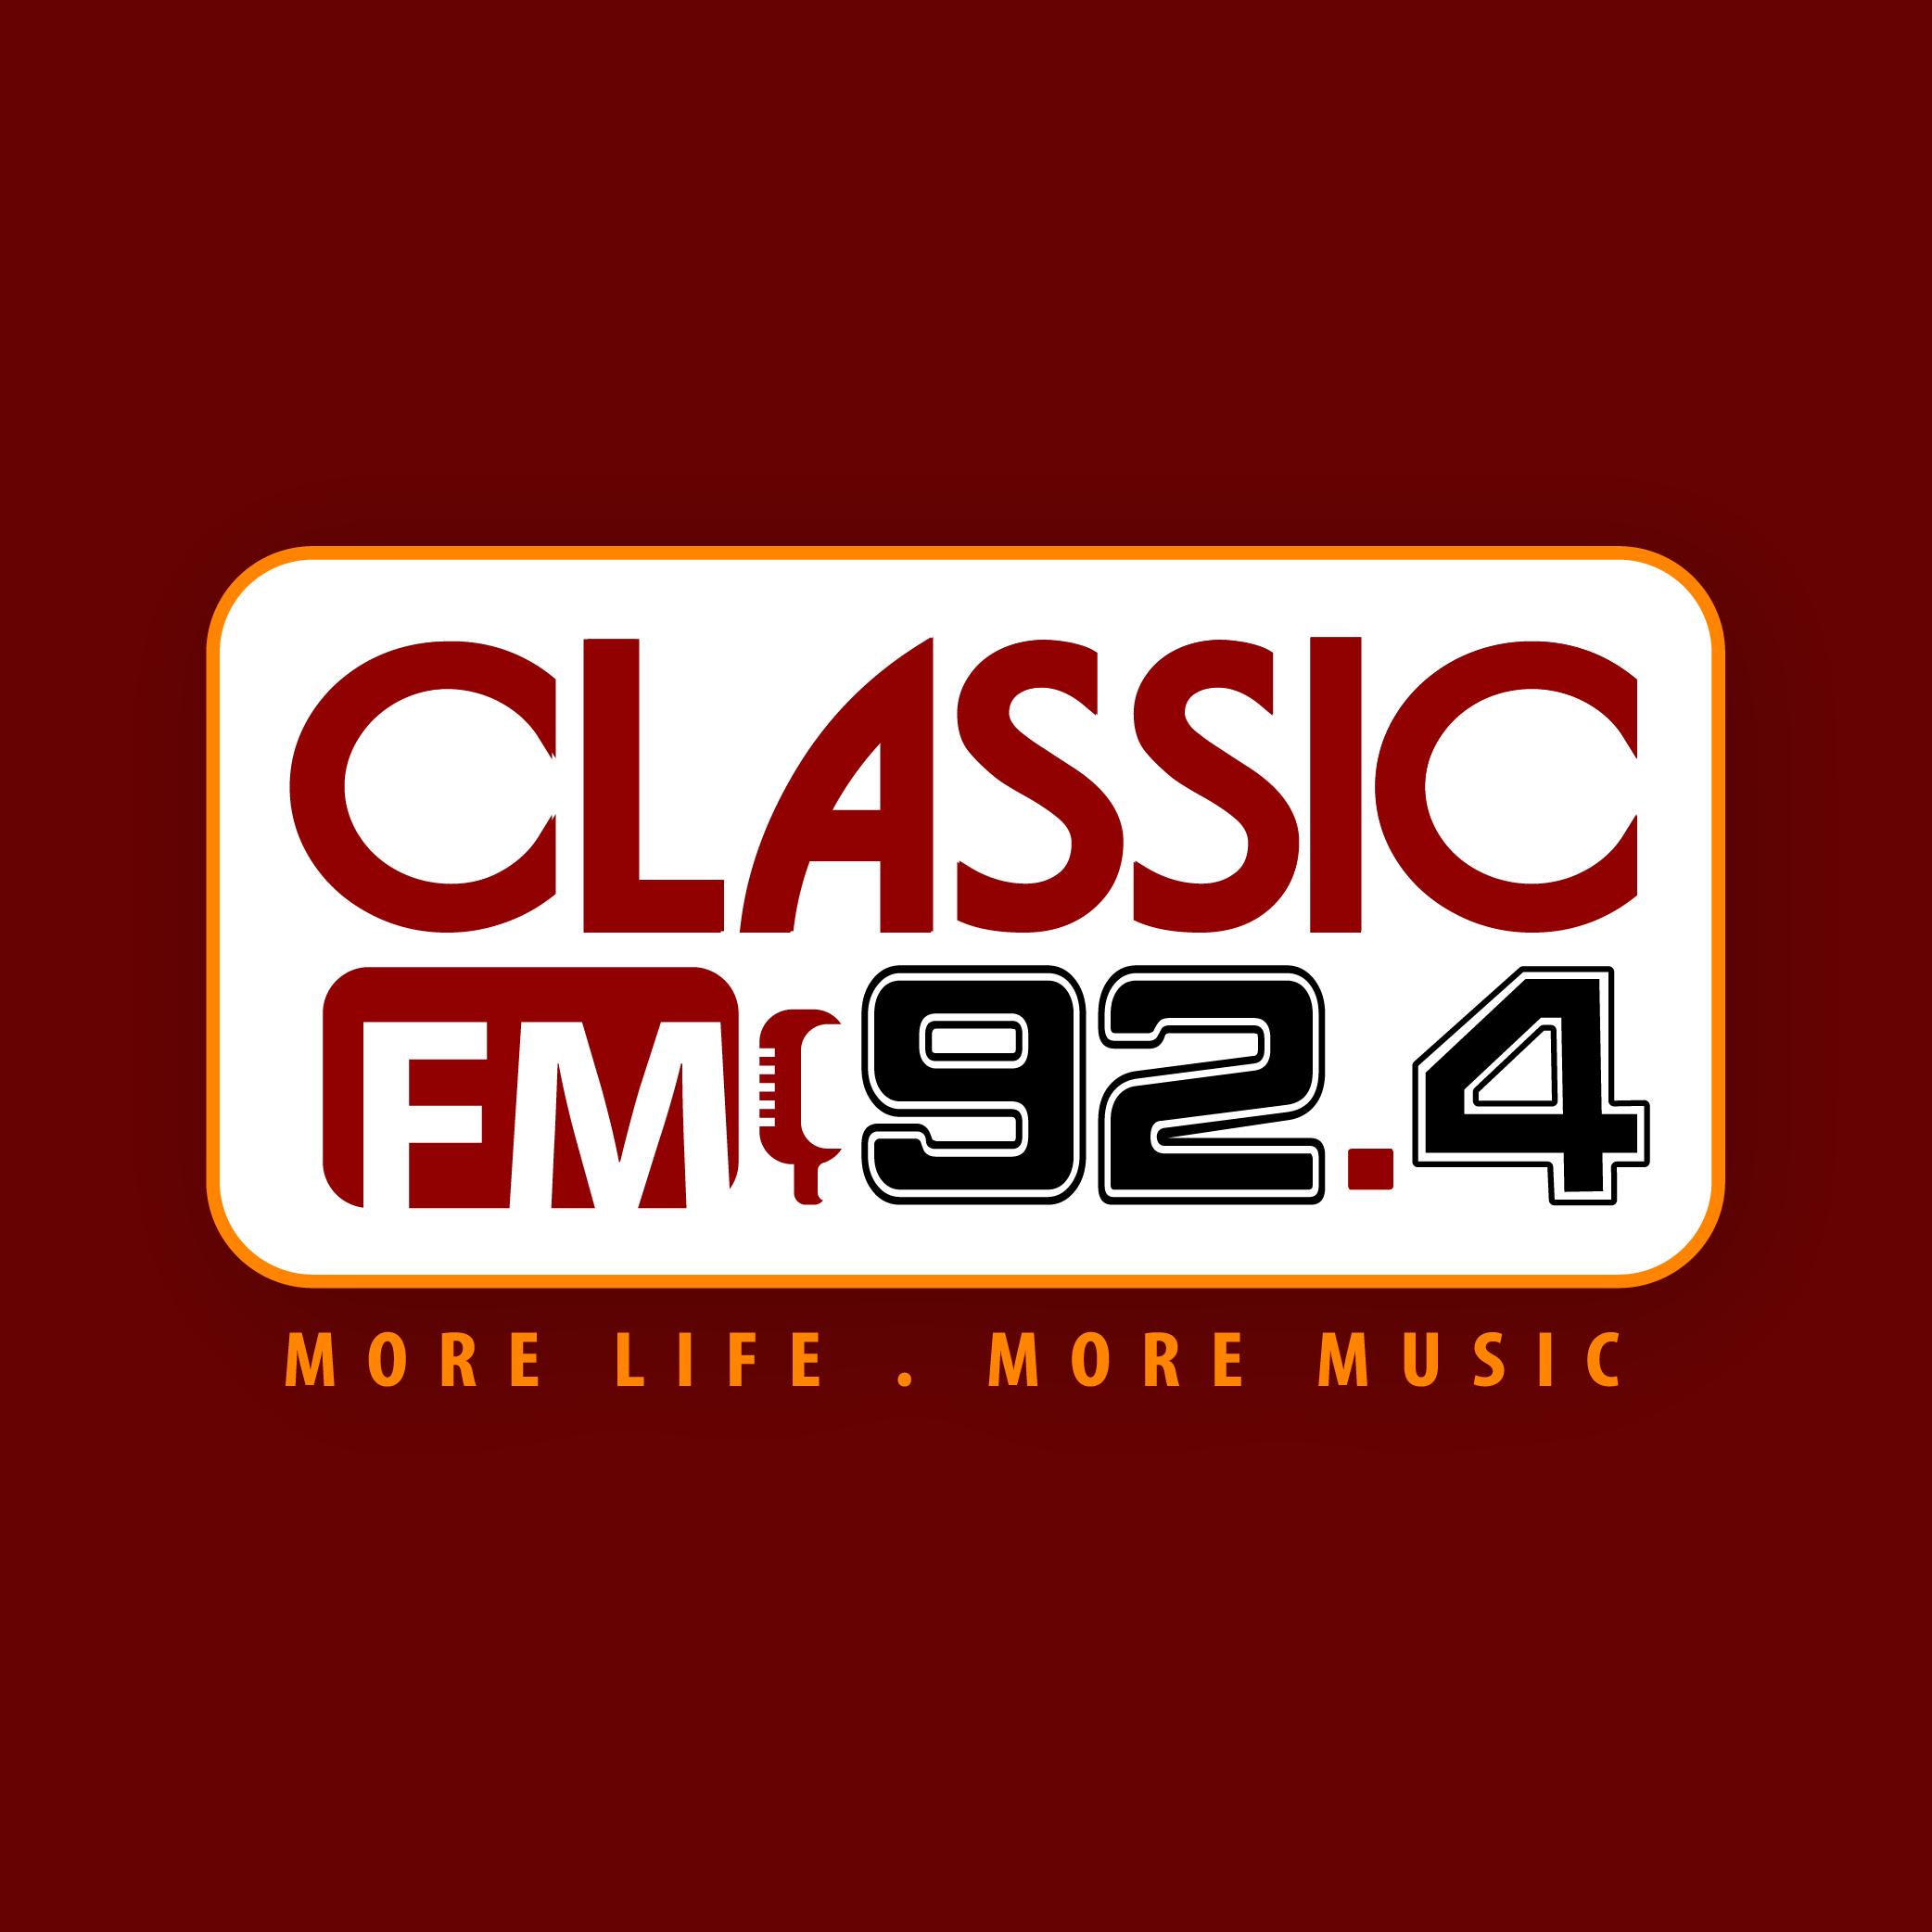 Classic FM 92.4